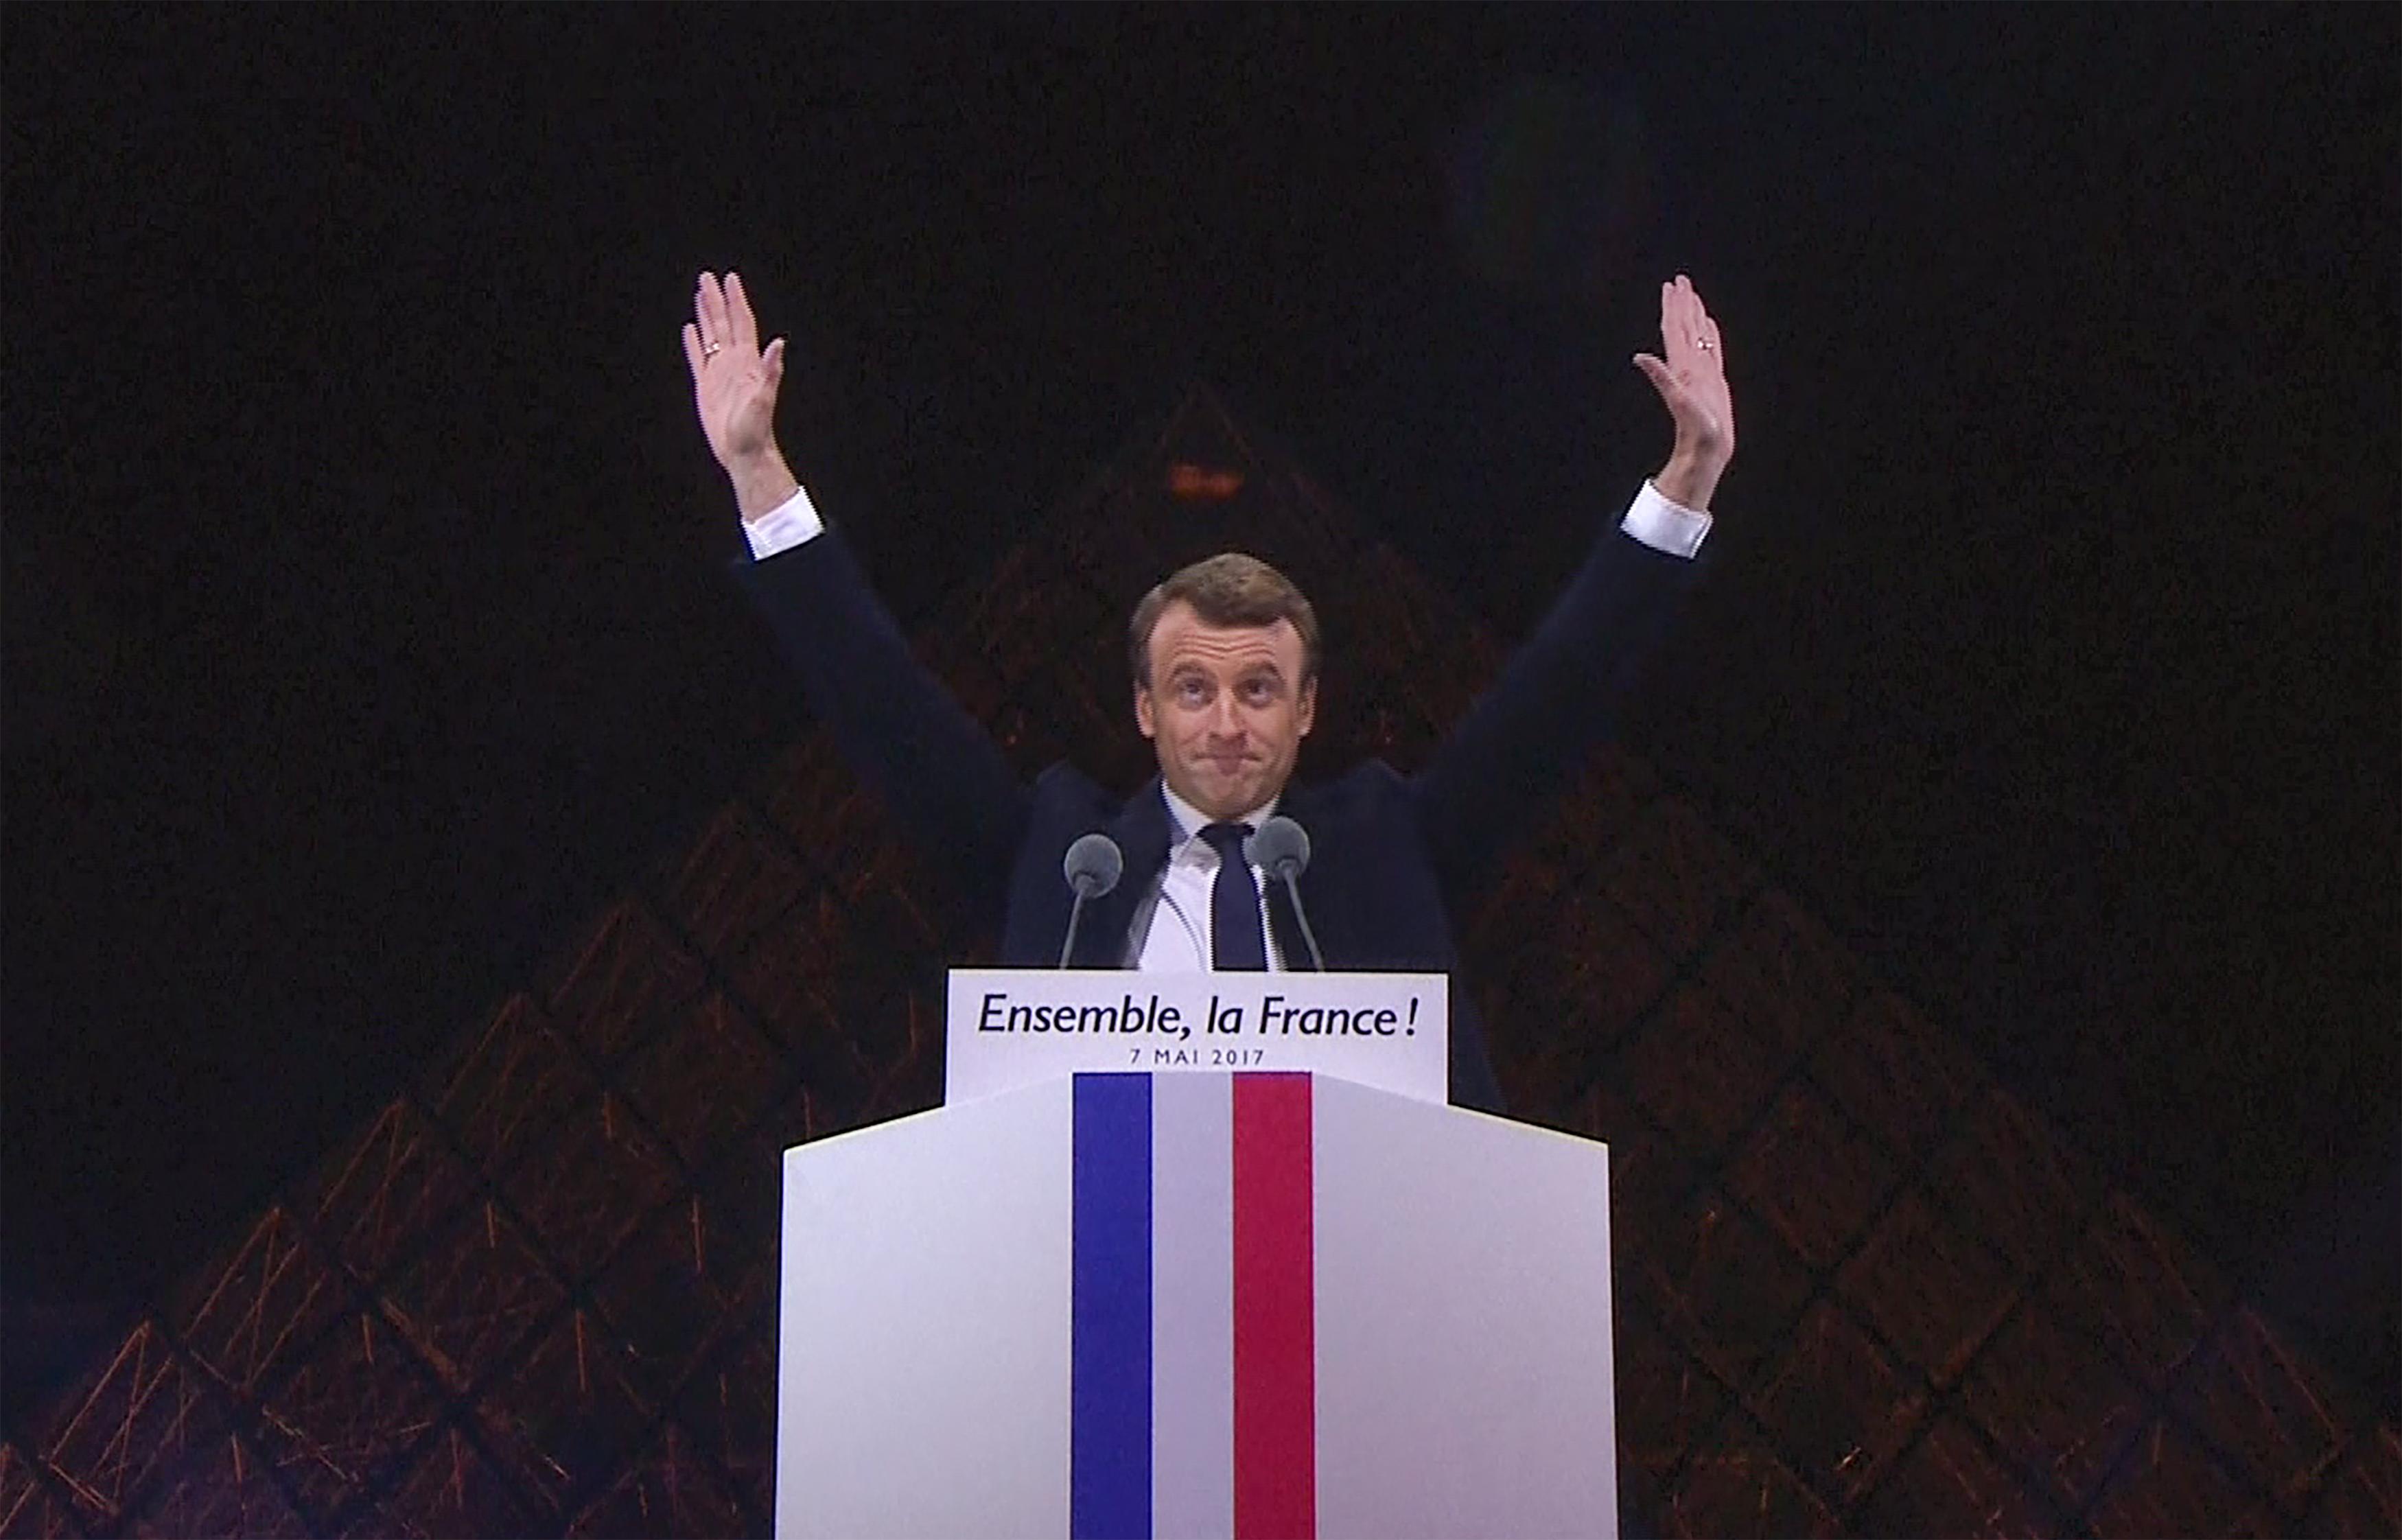 Macronnak egyelőre nem lett elég képviselőjelöltje